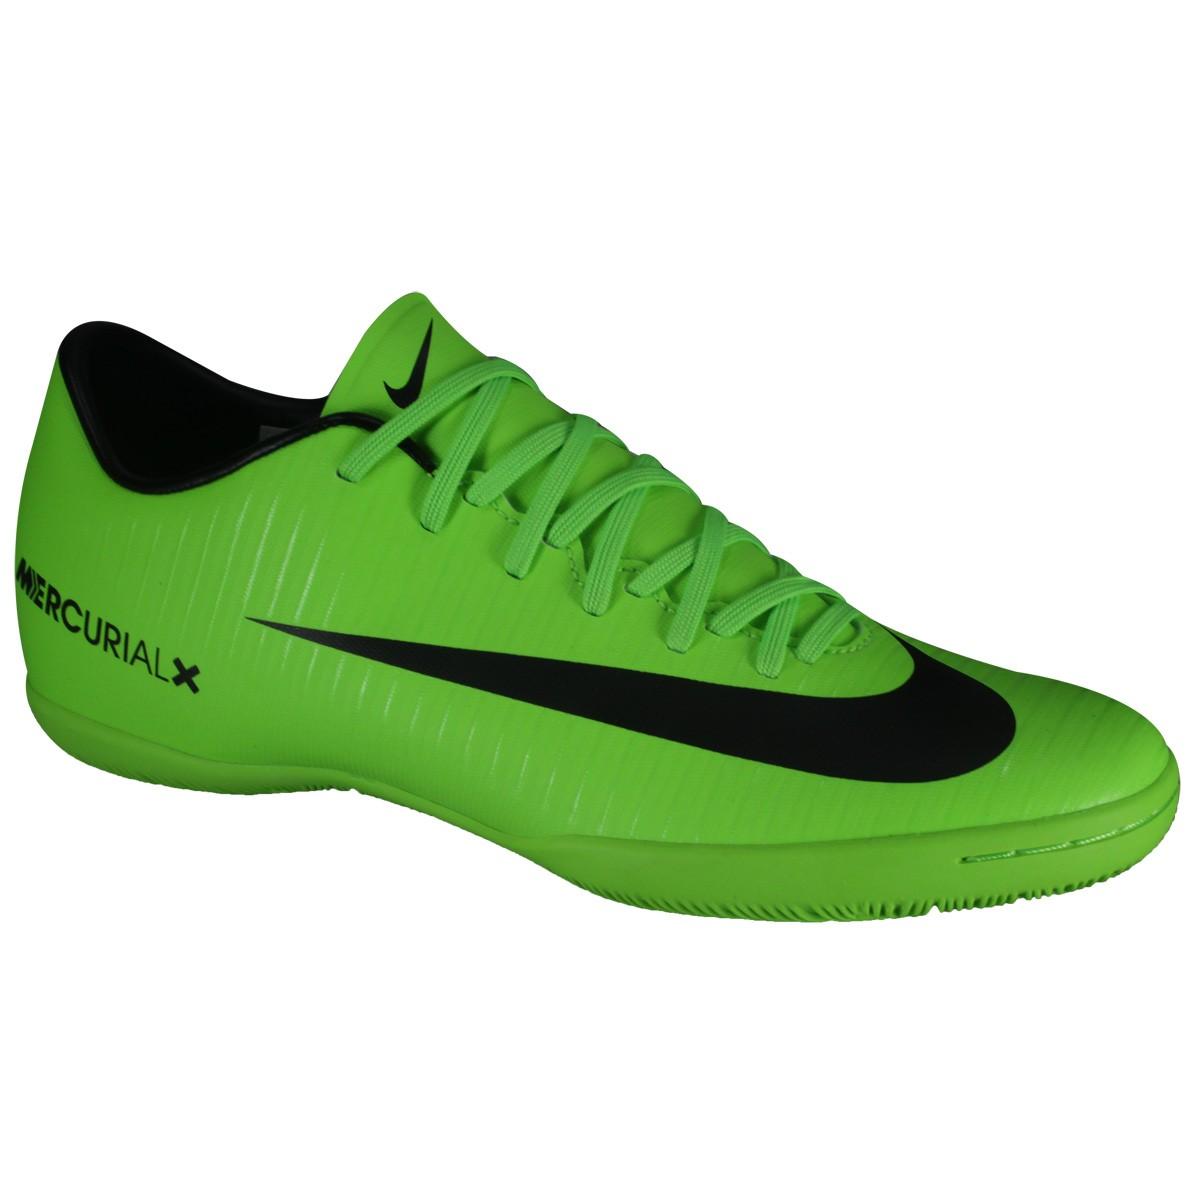 46ee1f845d Indoor Nike Mercurial Victory VI IC 831966-303 - Verde Preto - Botas ...